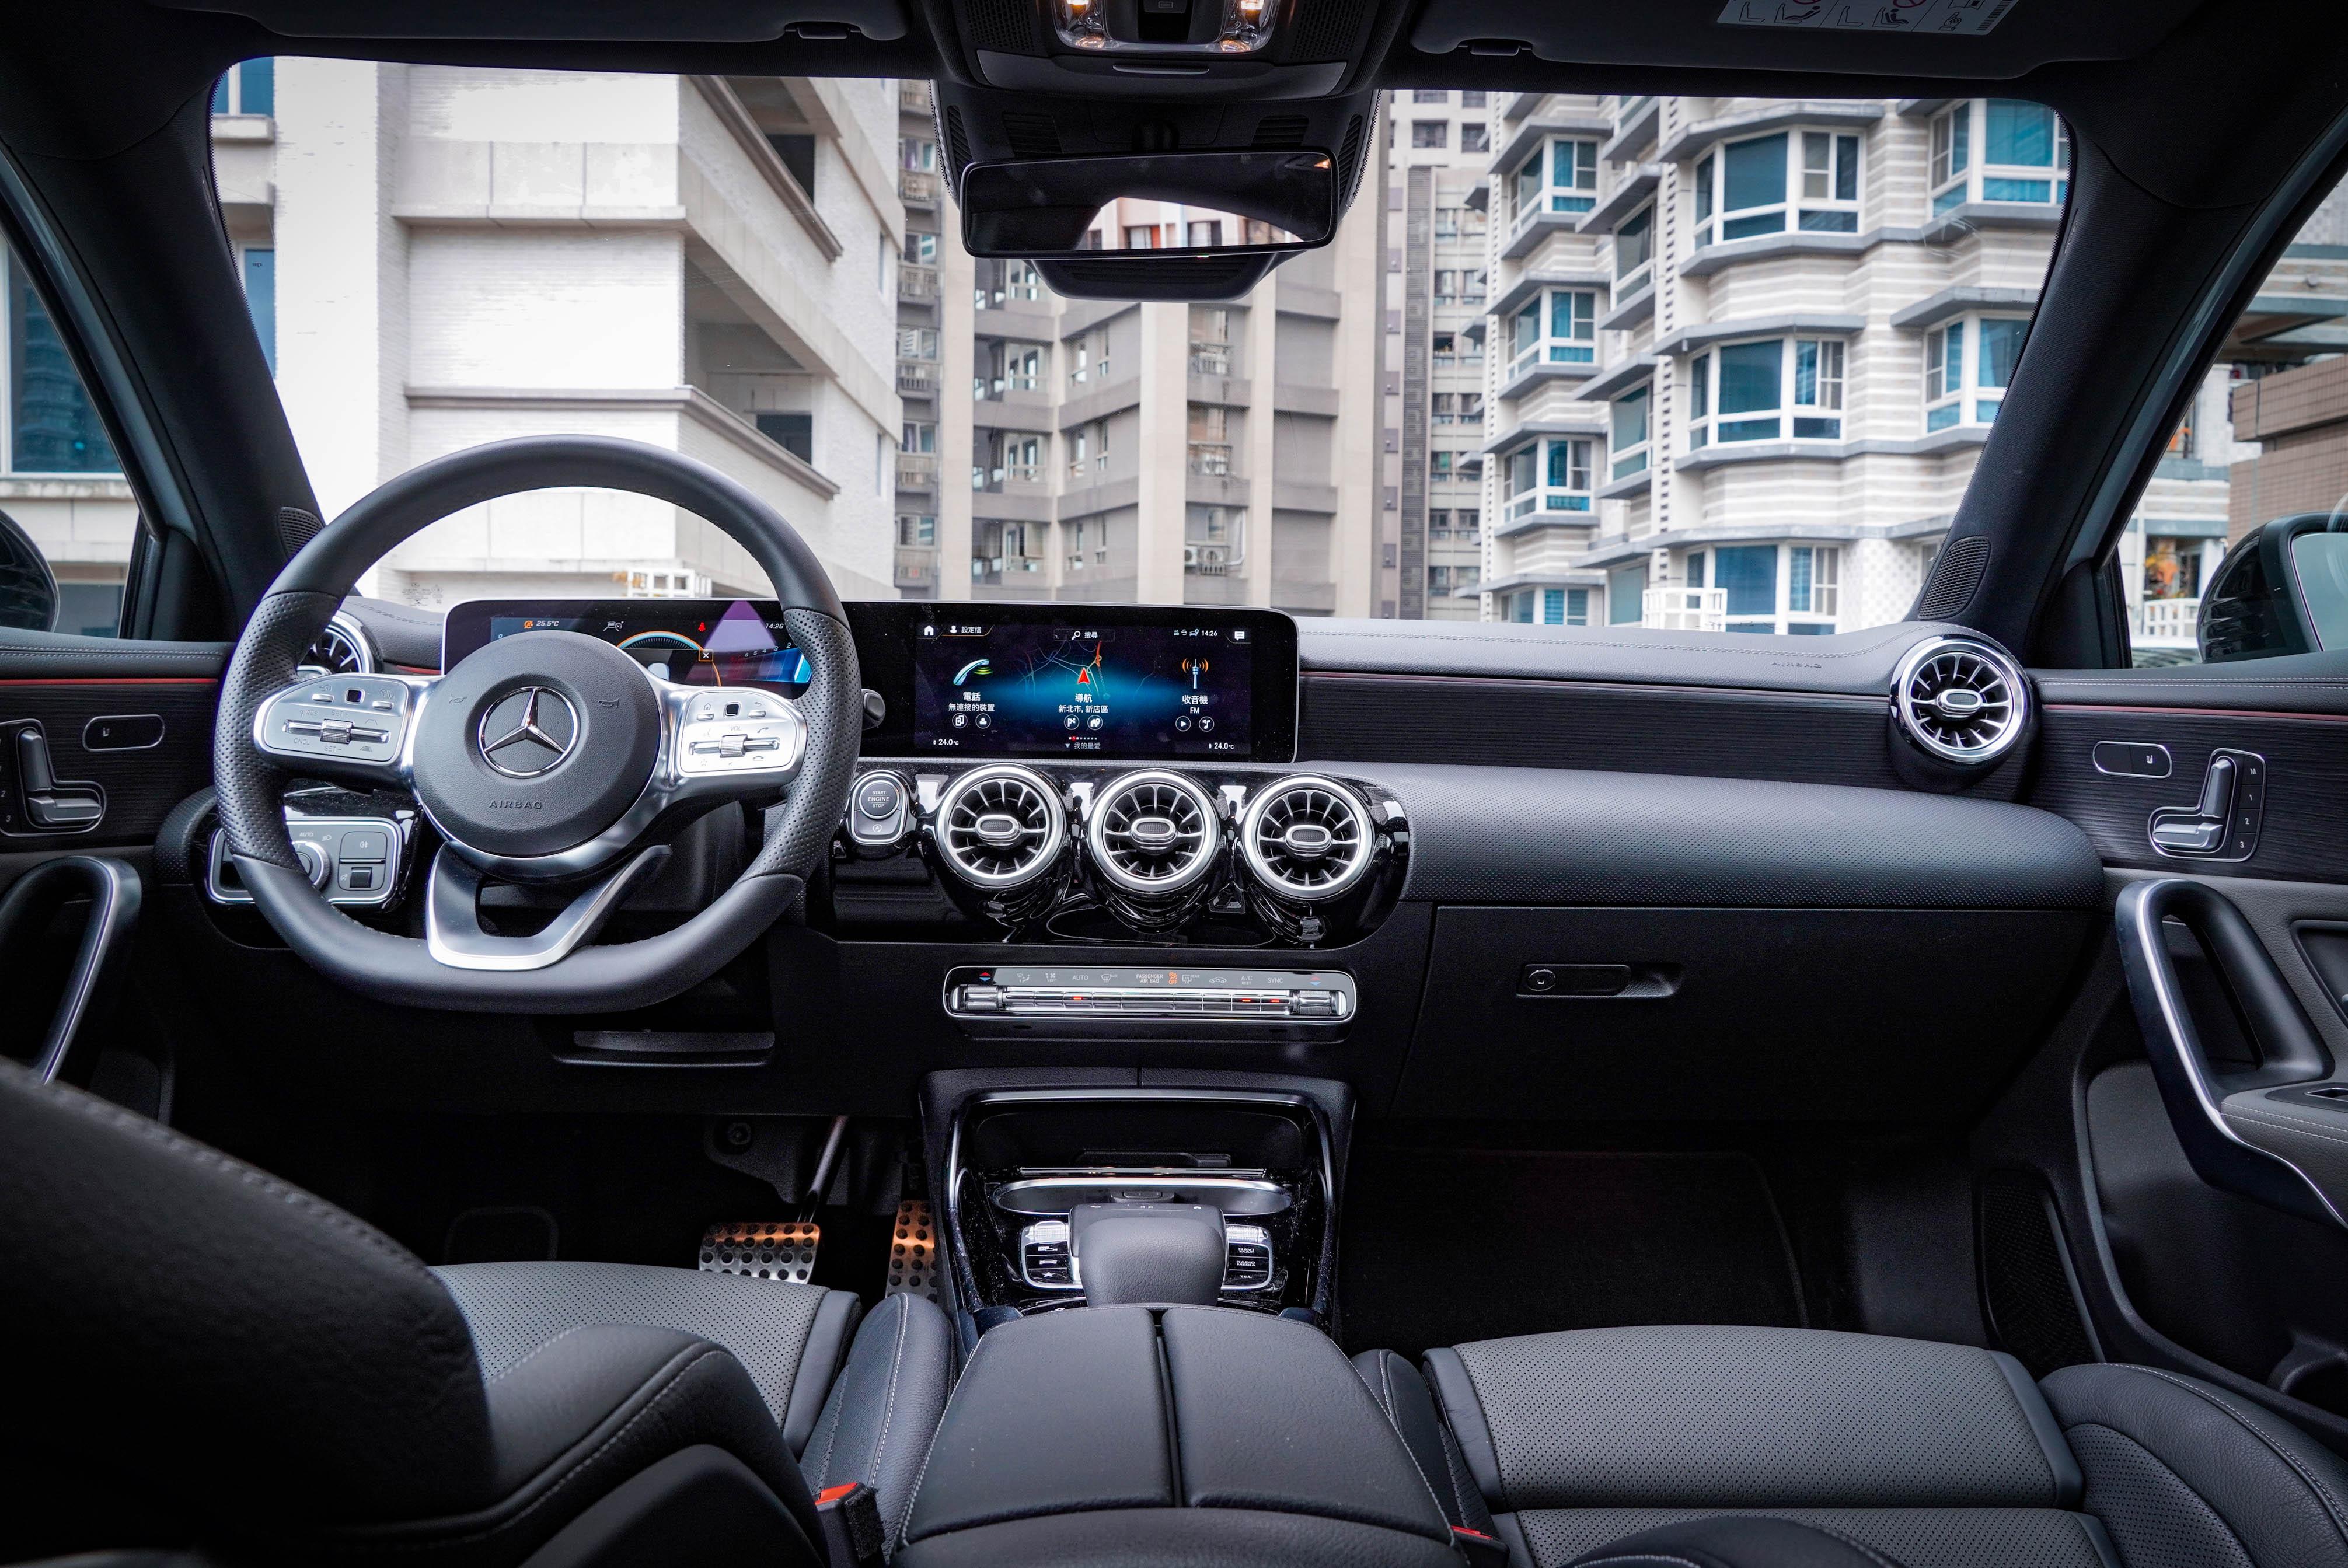 試駕車選配 AMG 豪華內裝套件,含真皮跑車型座椅、雙前座電熱椅、ARTICO 包覆儀表板上緣附縫線。另選配霧面黑色梣木飾板。